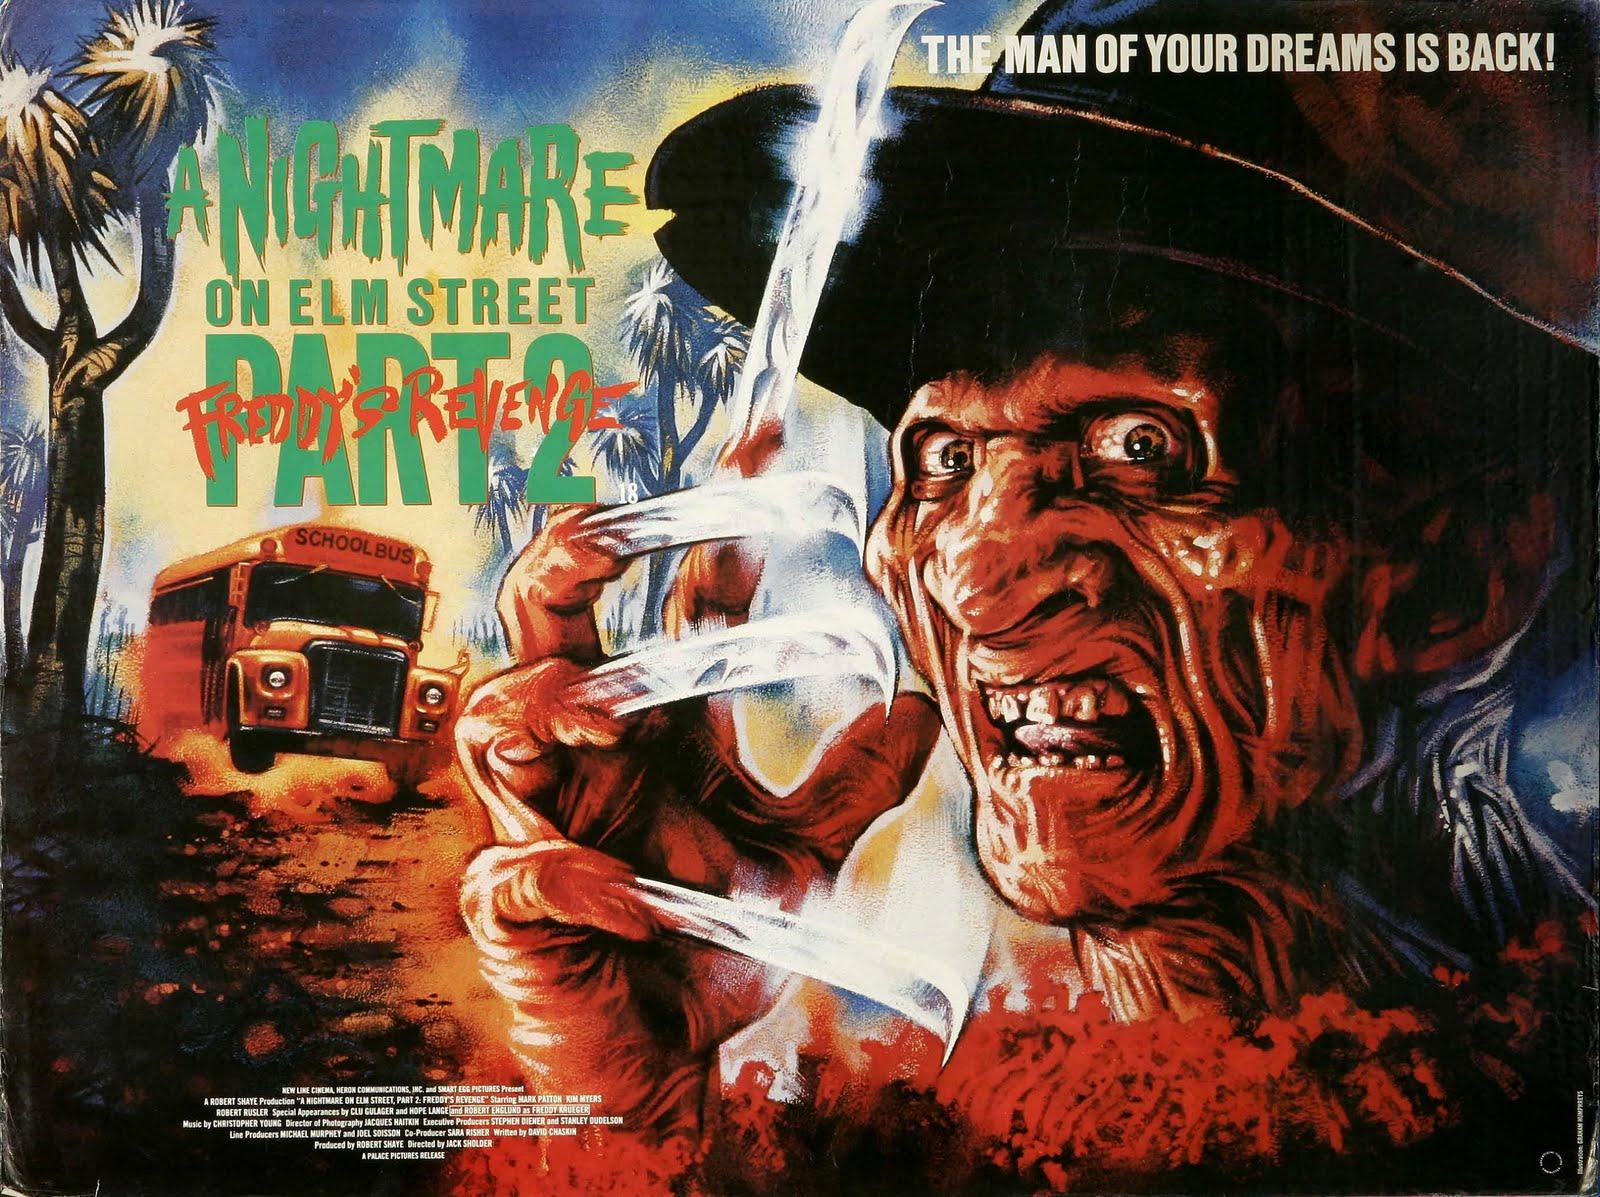 http://3.bp.blogspot.com/_VXNWSr1UpT4/TQZjIRg52OI/AAAAAAAAGMQ/s6xHOfxwvRM/s1600/nightmare_on_elm_street_2_poster_02.jpg